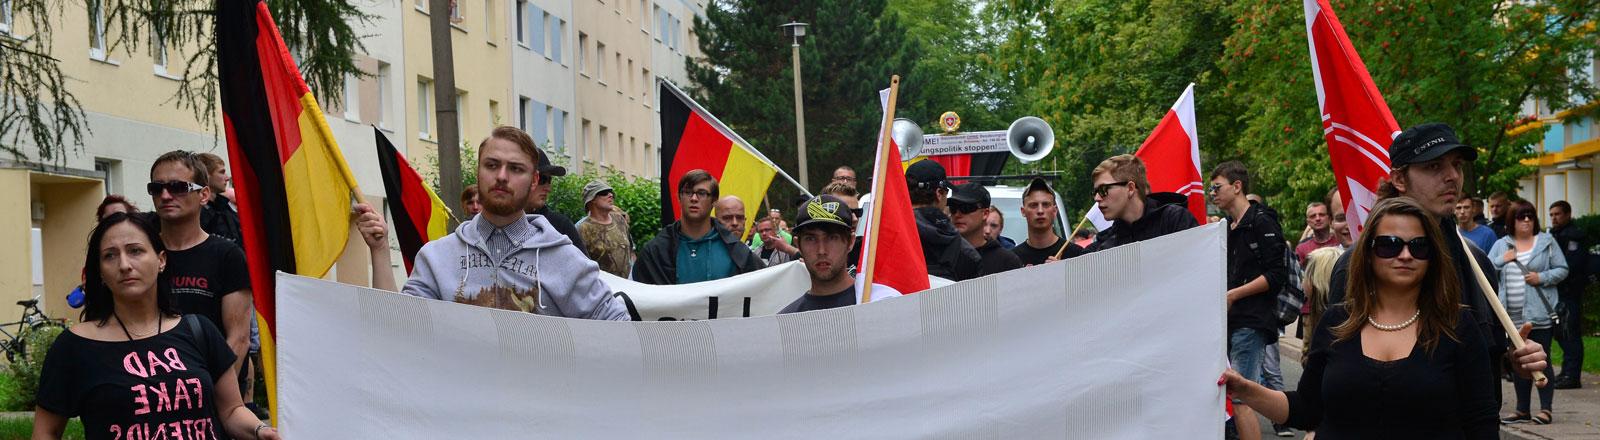 NPD-Anhänger demonstrieren am 29.08.2015 in Eisenach